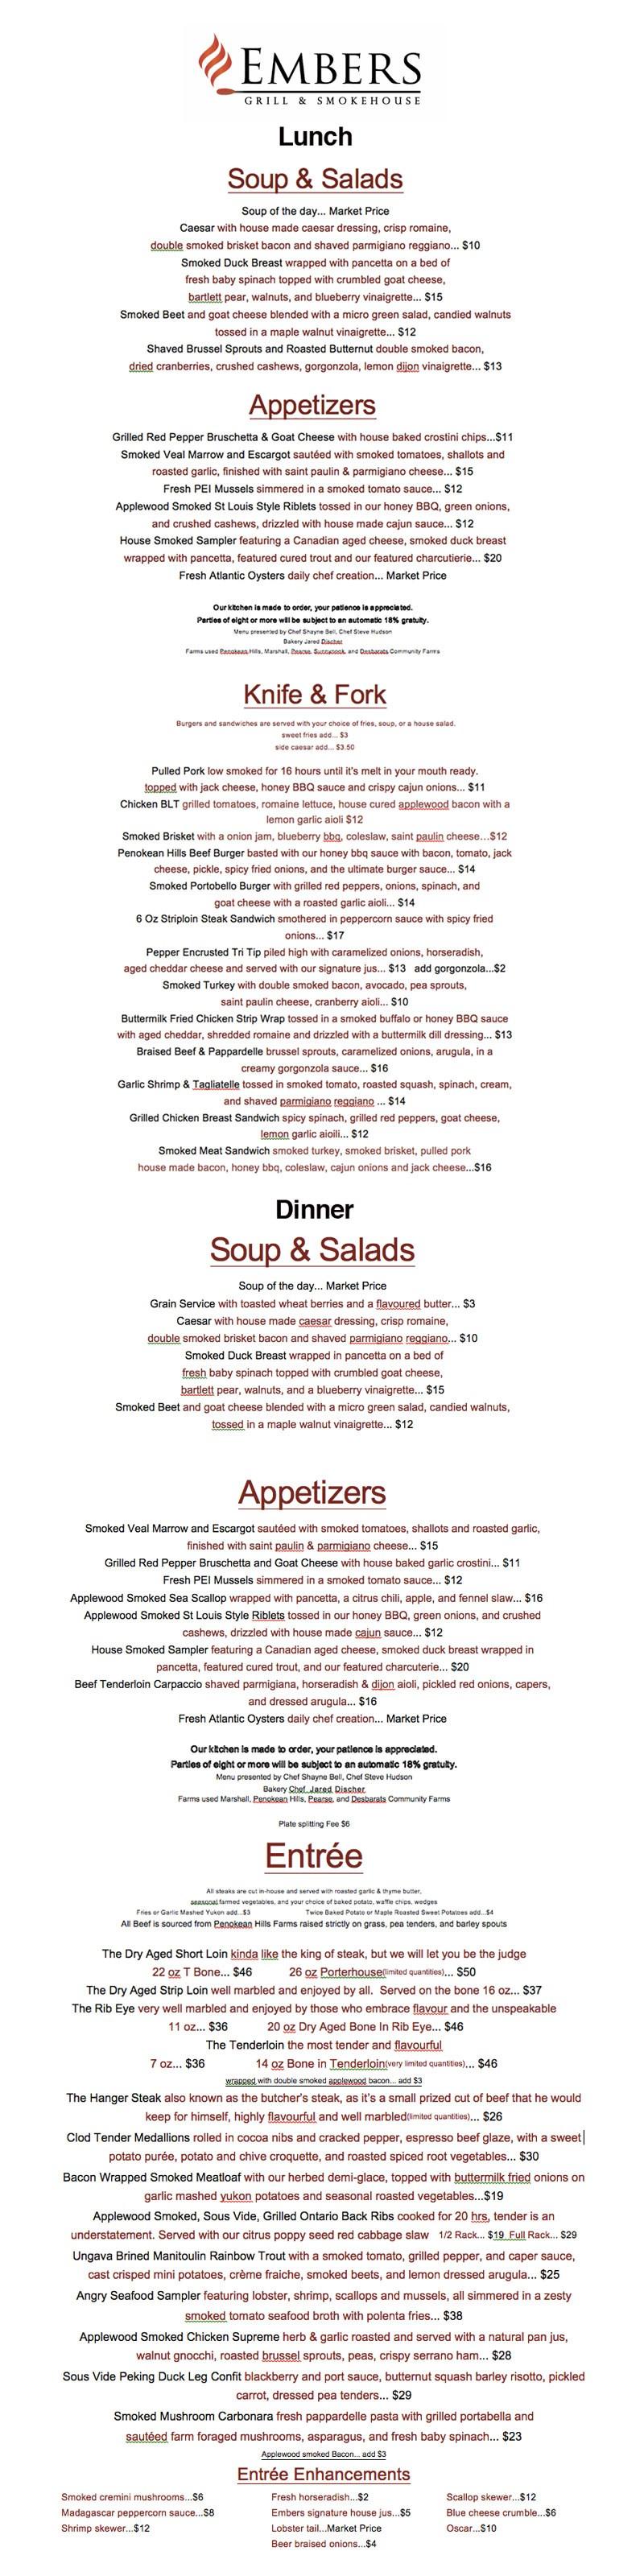 Embers-menu